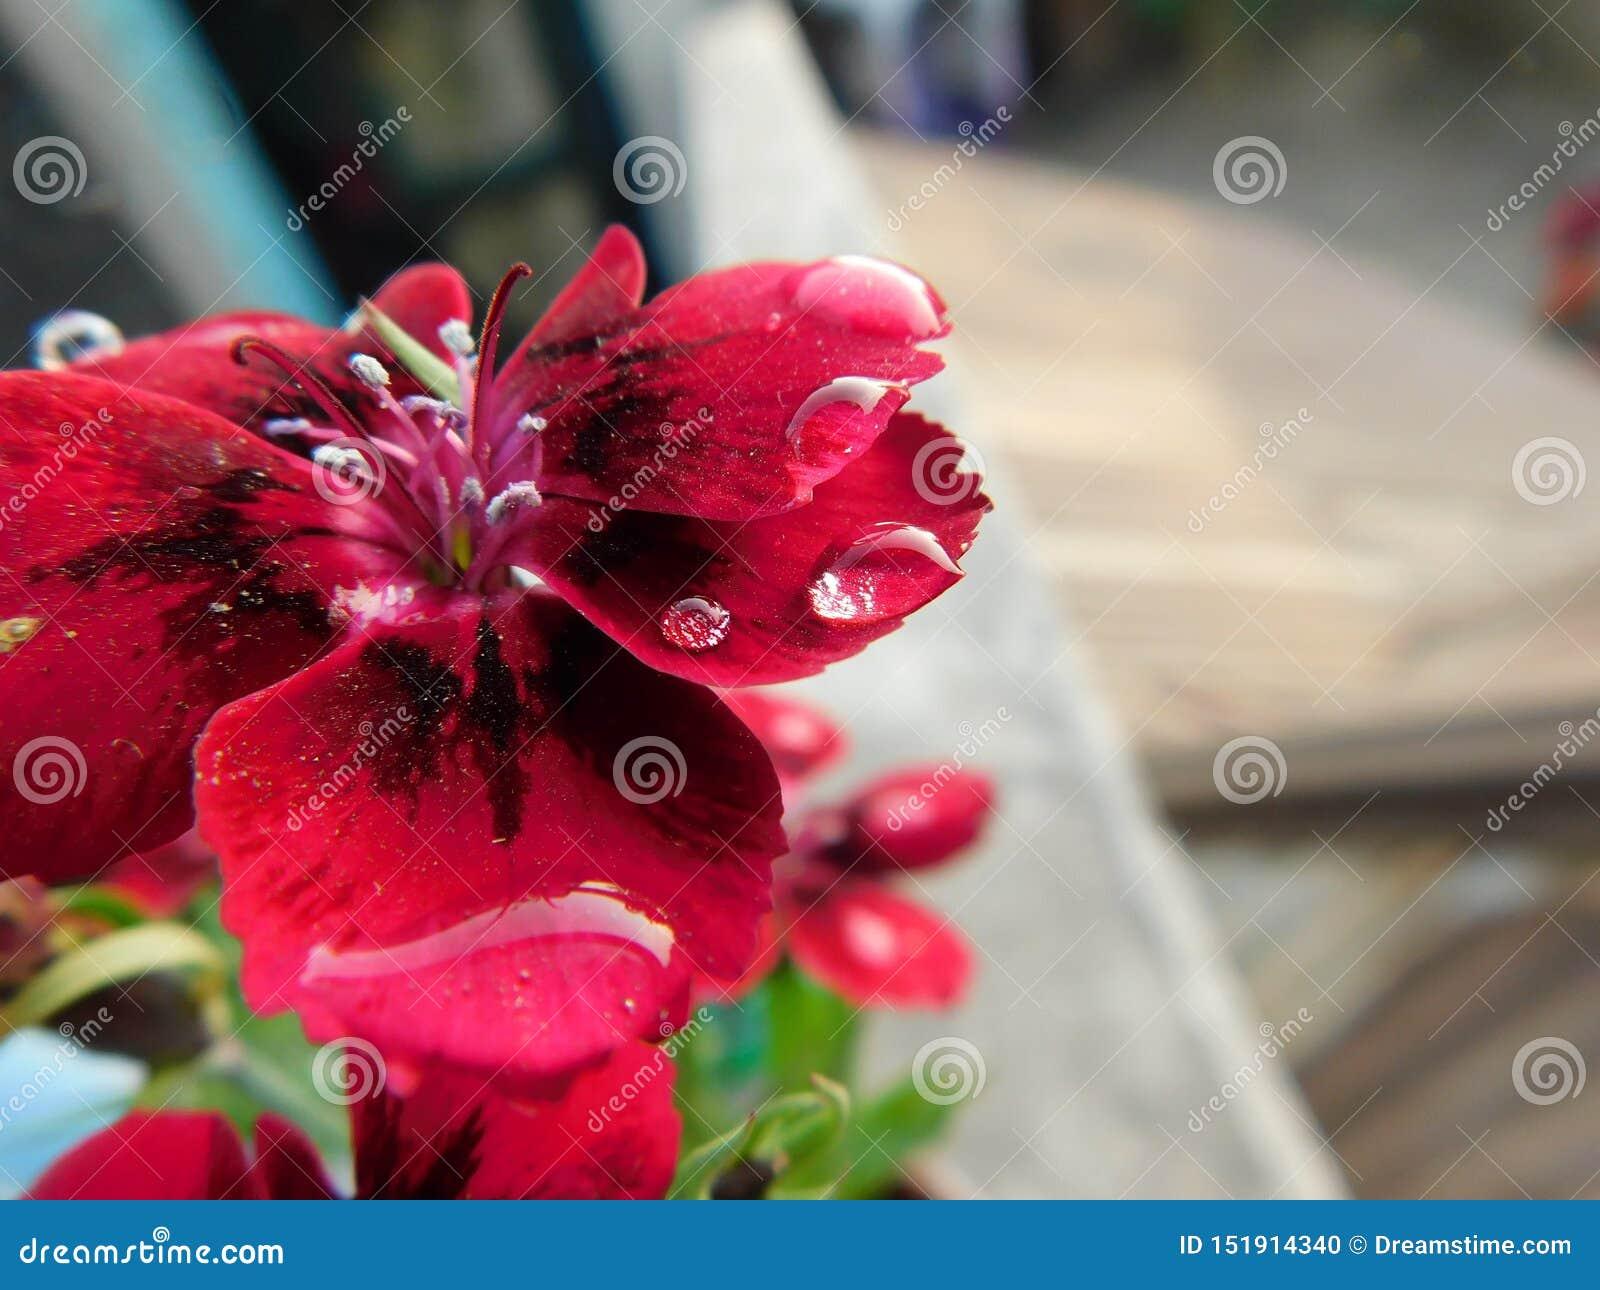 Mooie en leuke rode tuinbloem met weinig veelvoudige waterdruppeltjes